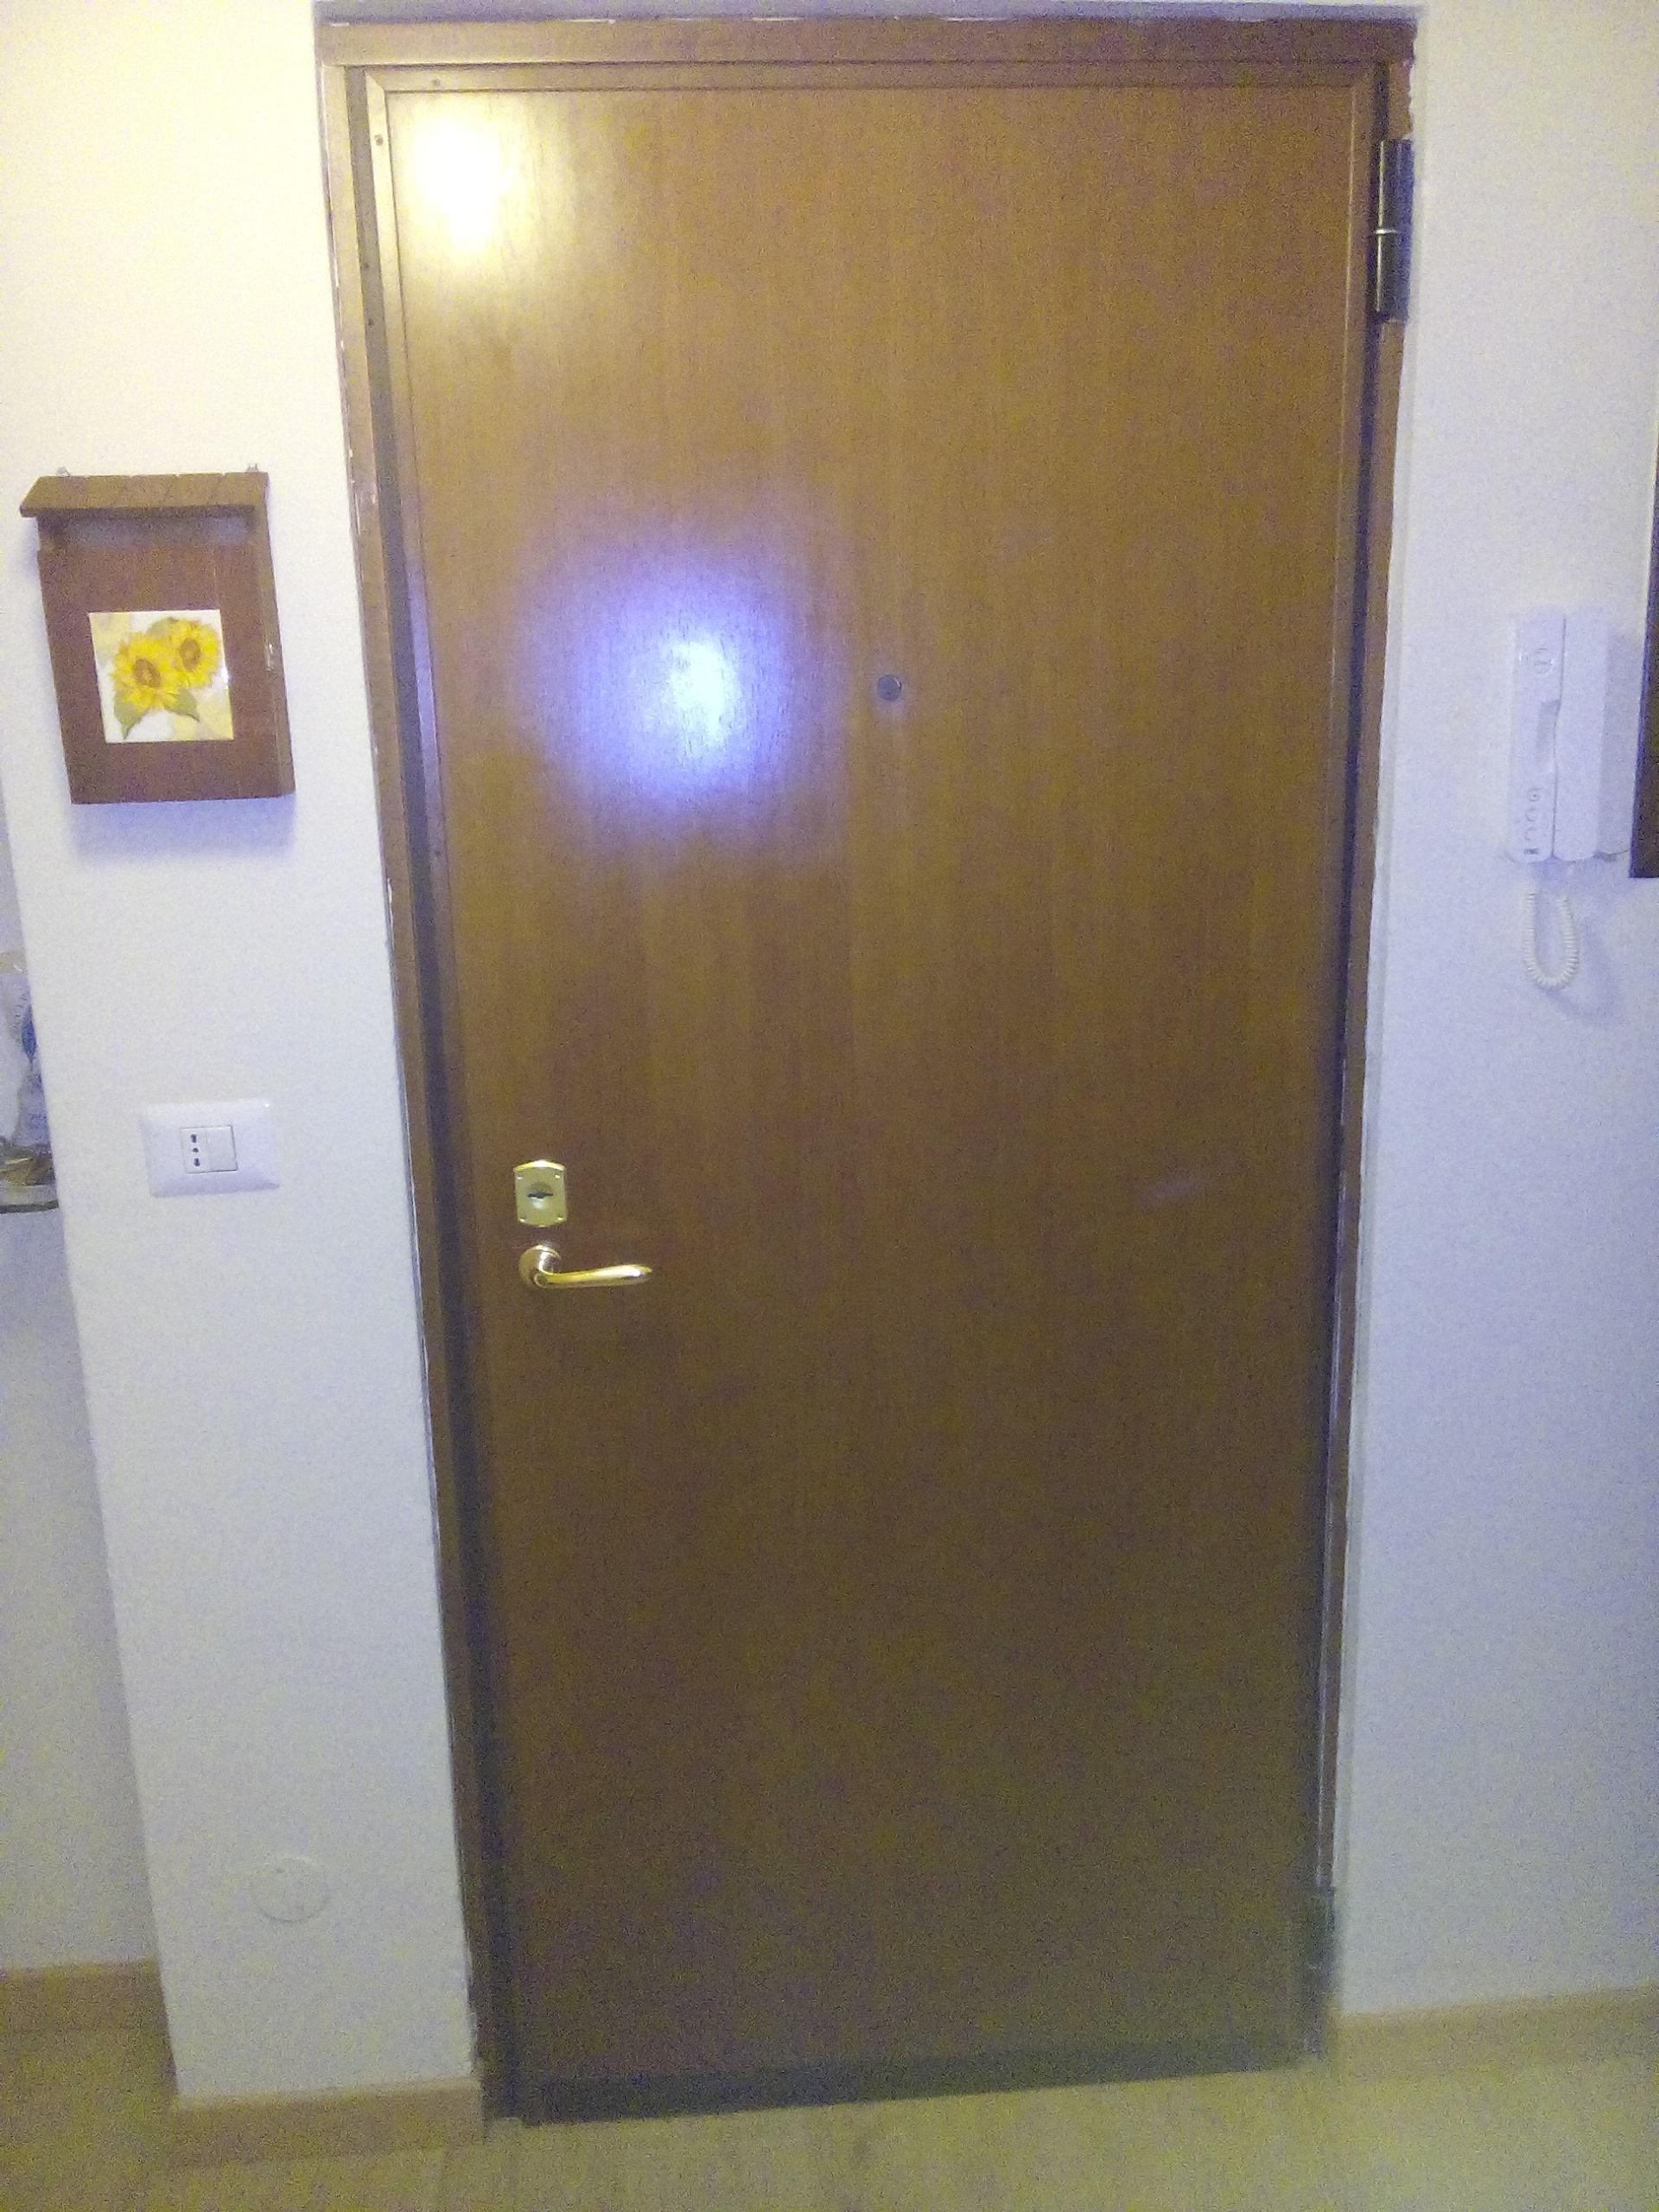 Sostituzione pannelli porta blindata - Instapro